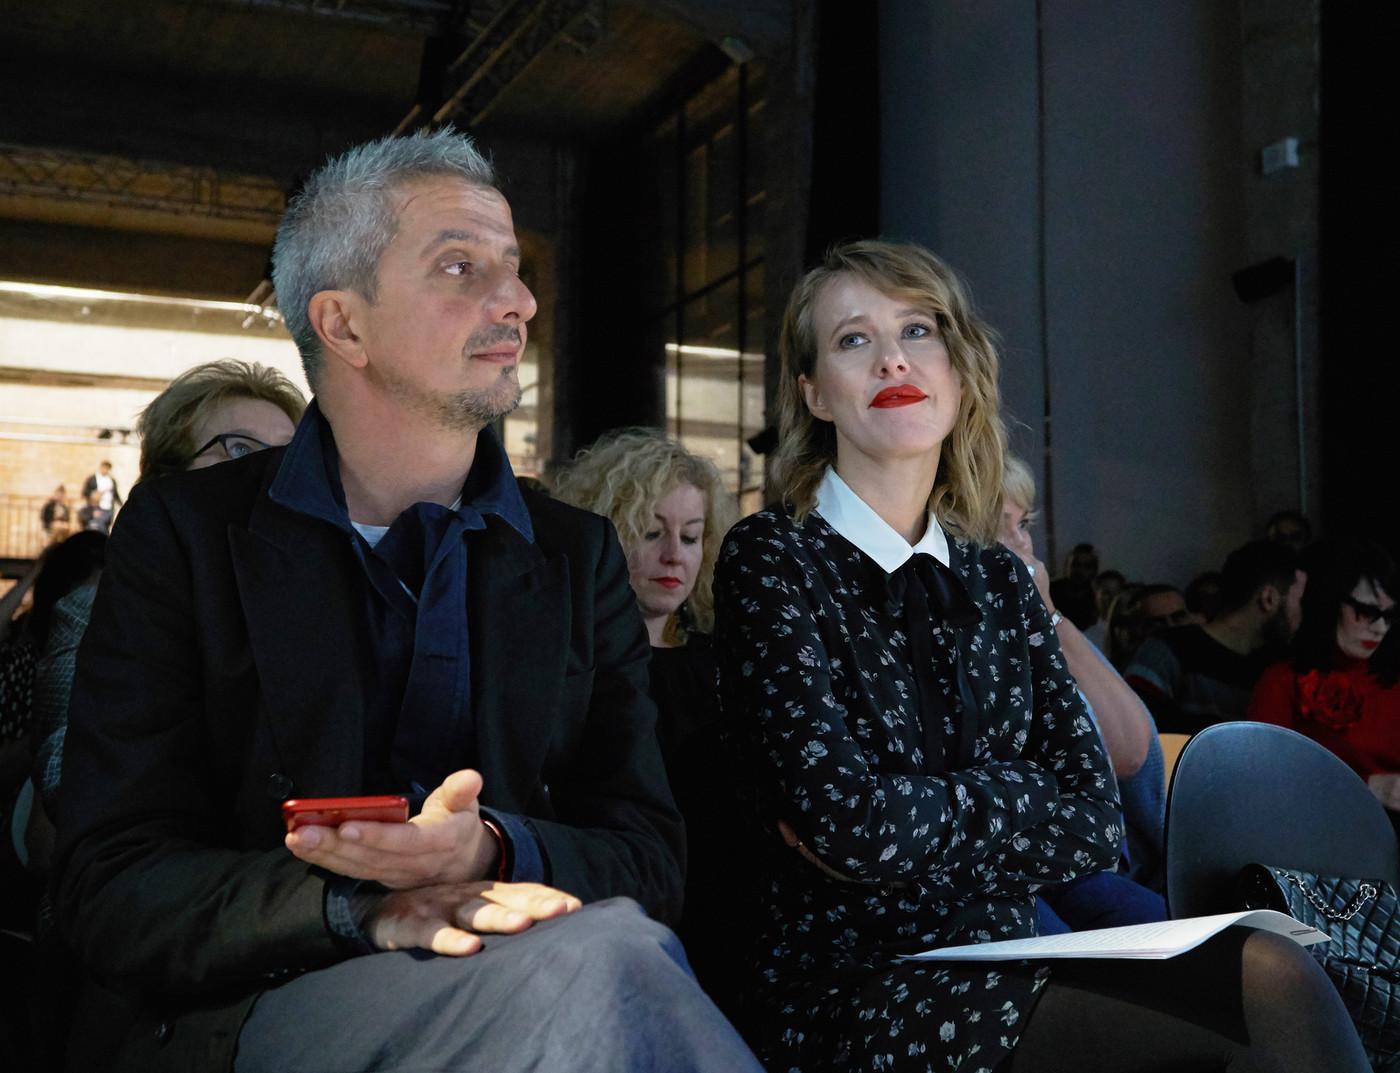 Ксения Собчак, Константин Богомолов и Дарья Мороз встретились на «Кинотавре»